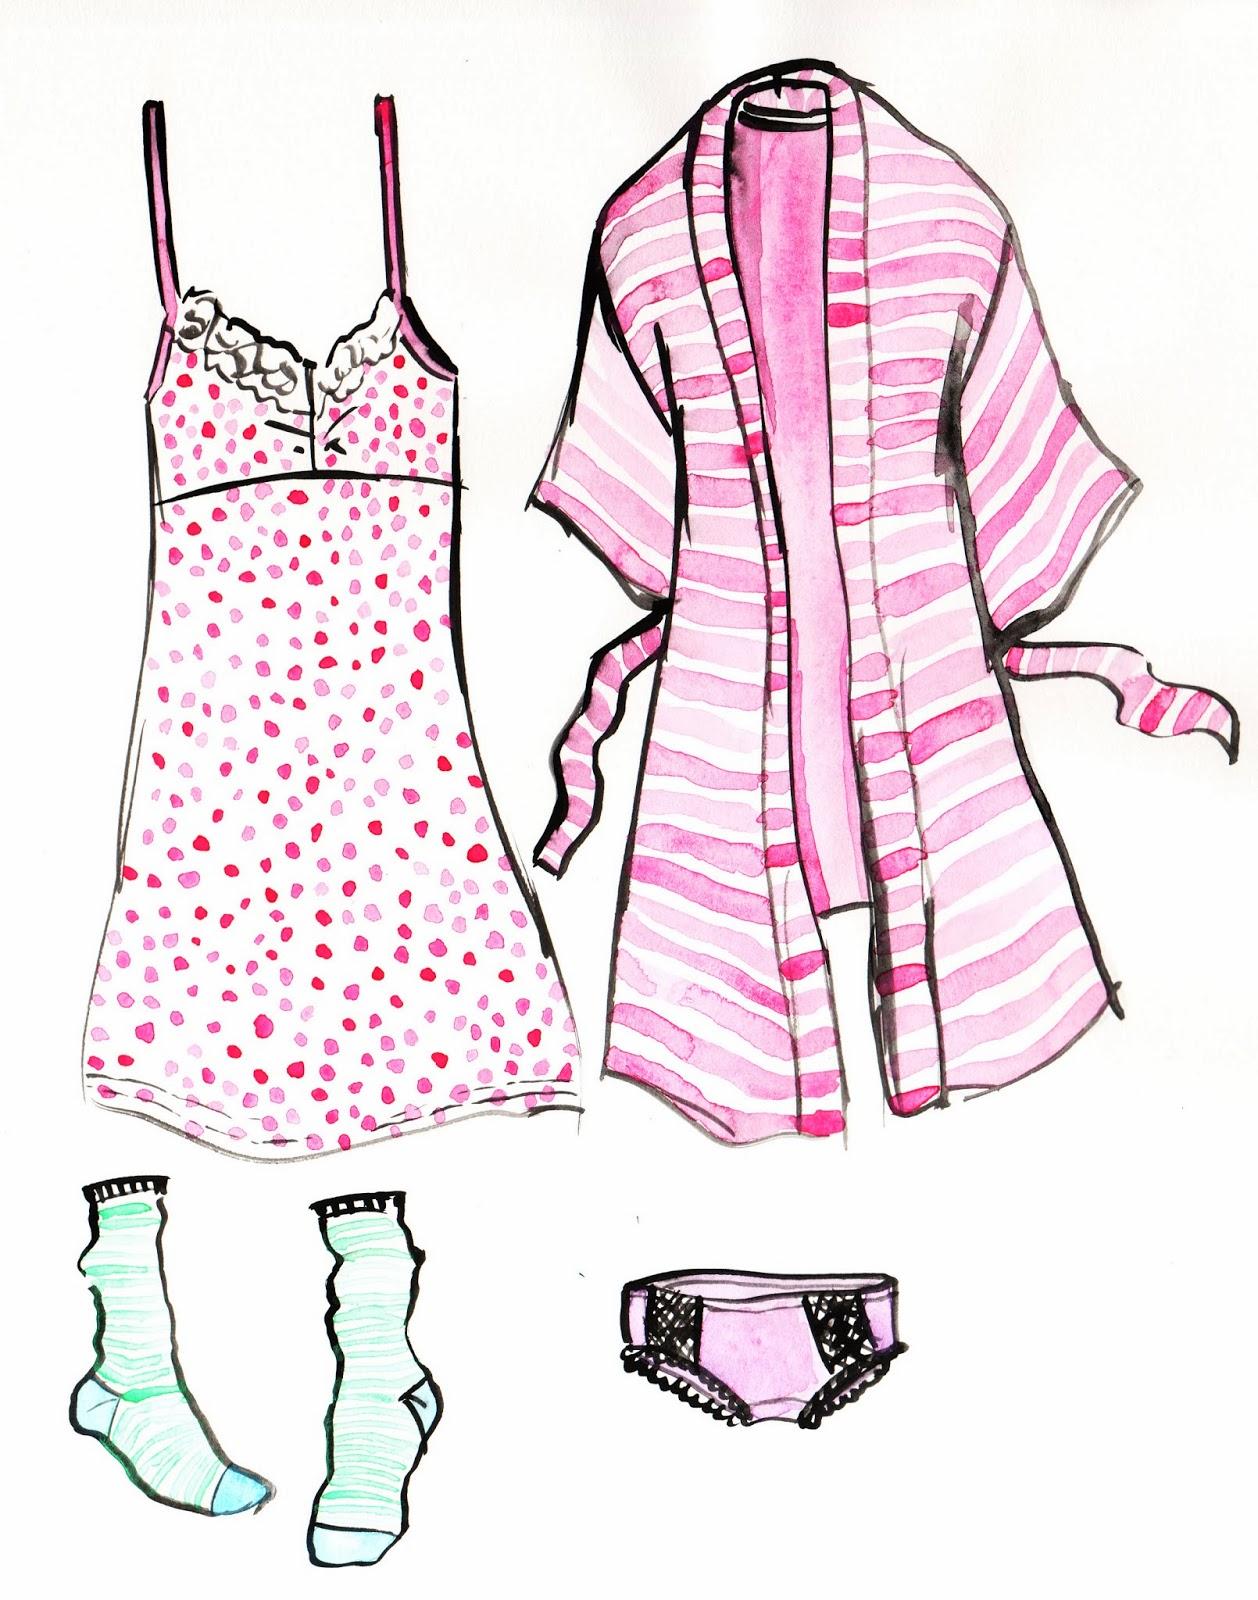 pajama-illustration, watercolor-pajamas, watercolor-fashion-illustration, watercolor-loungewear